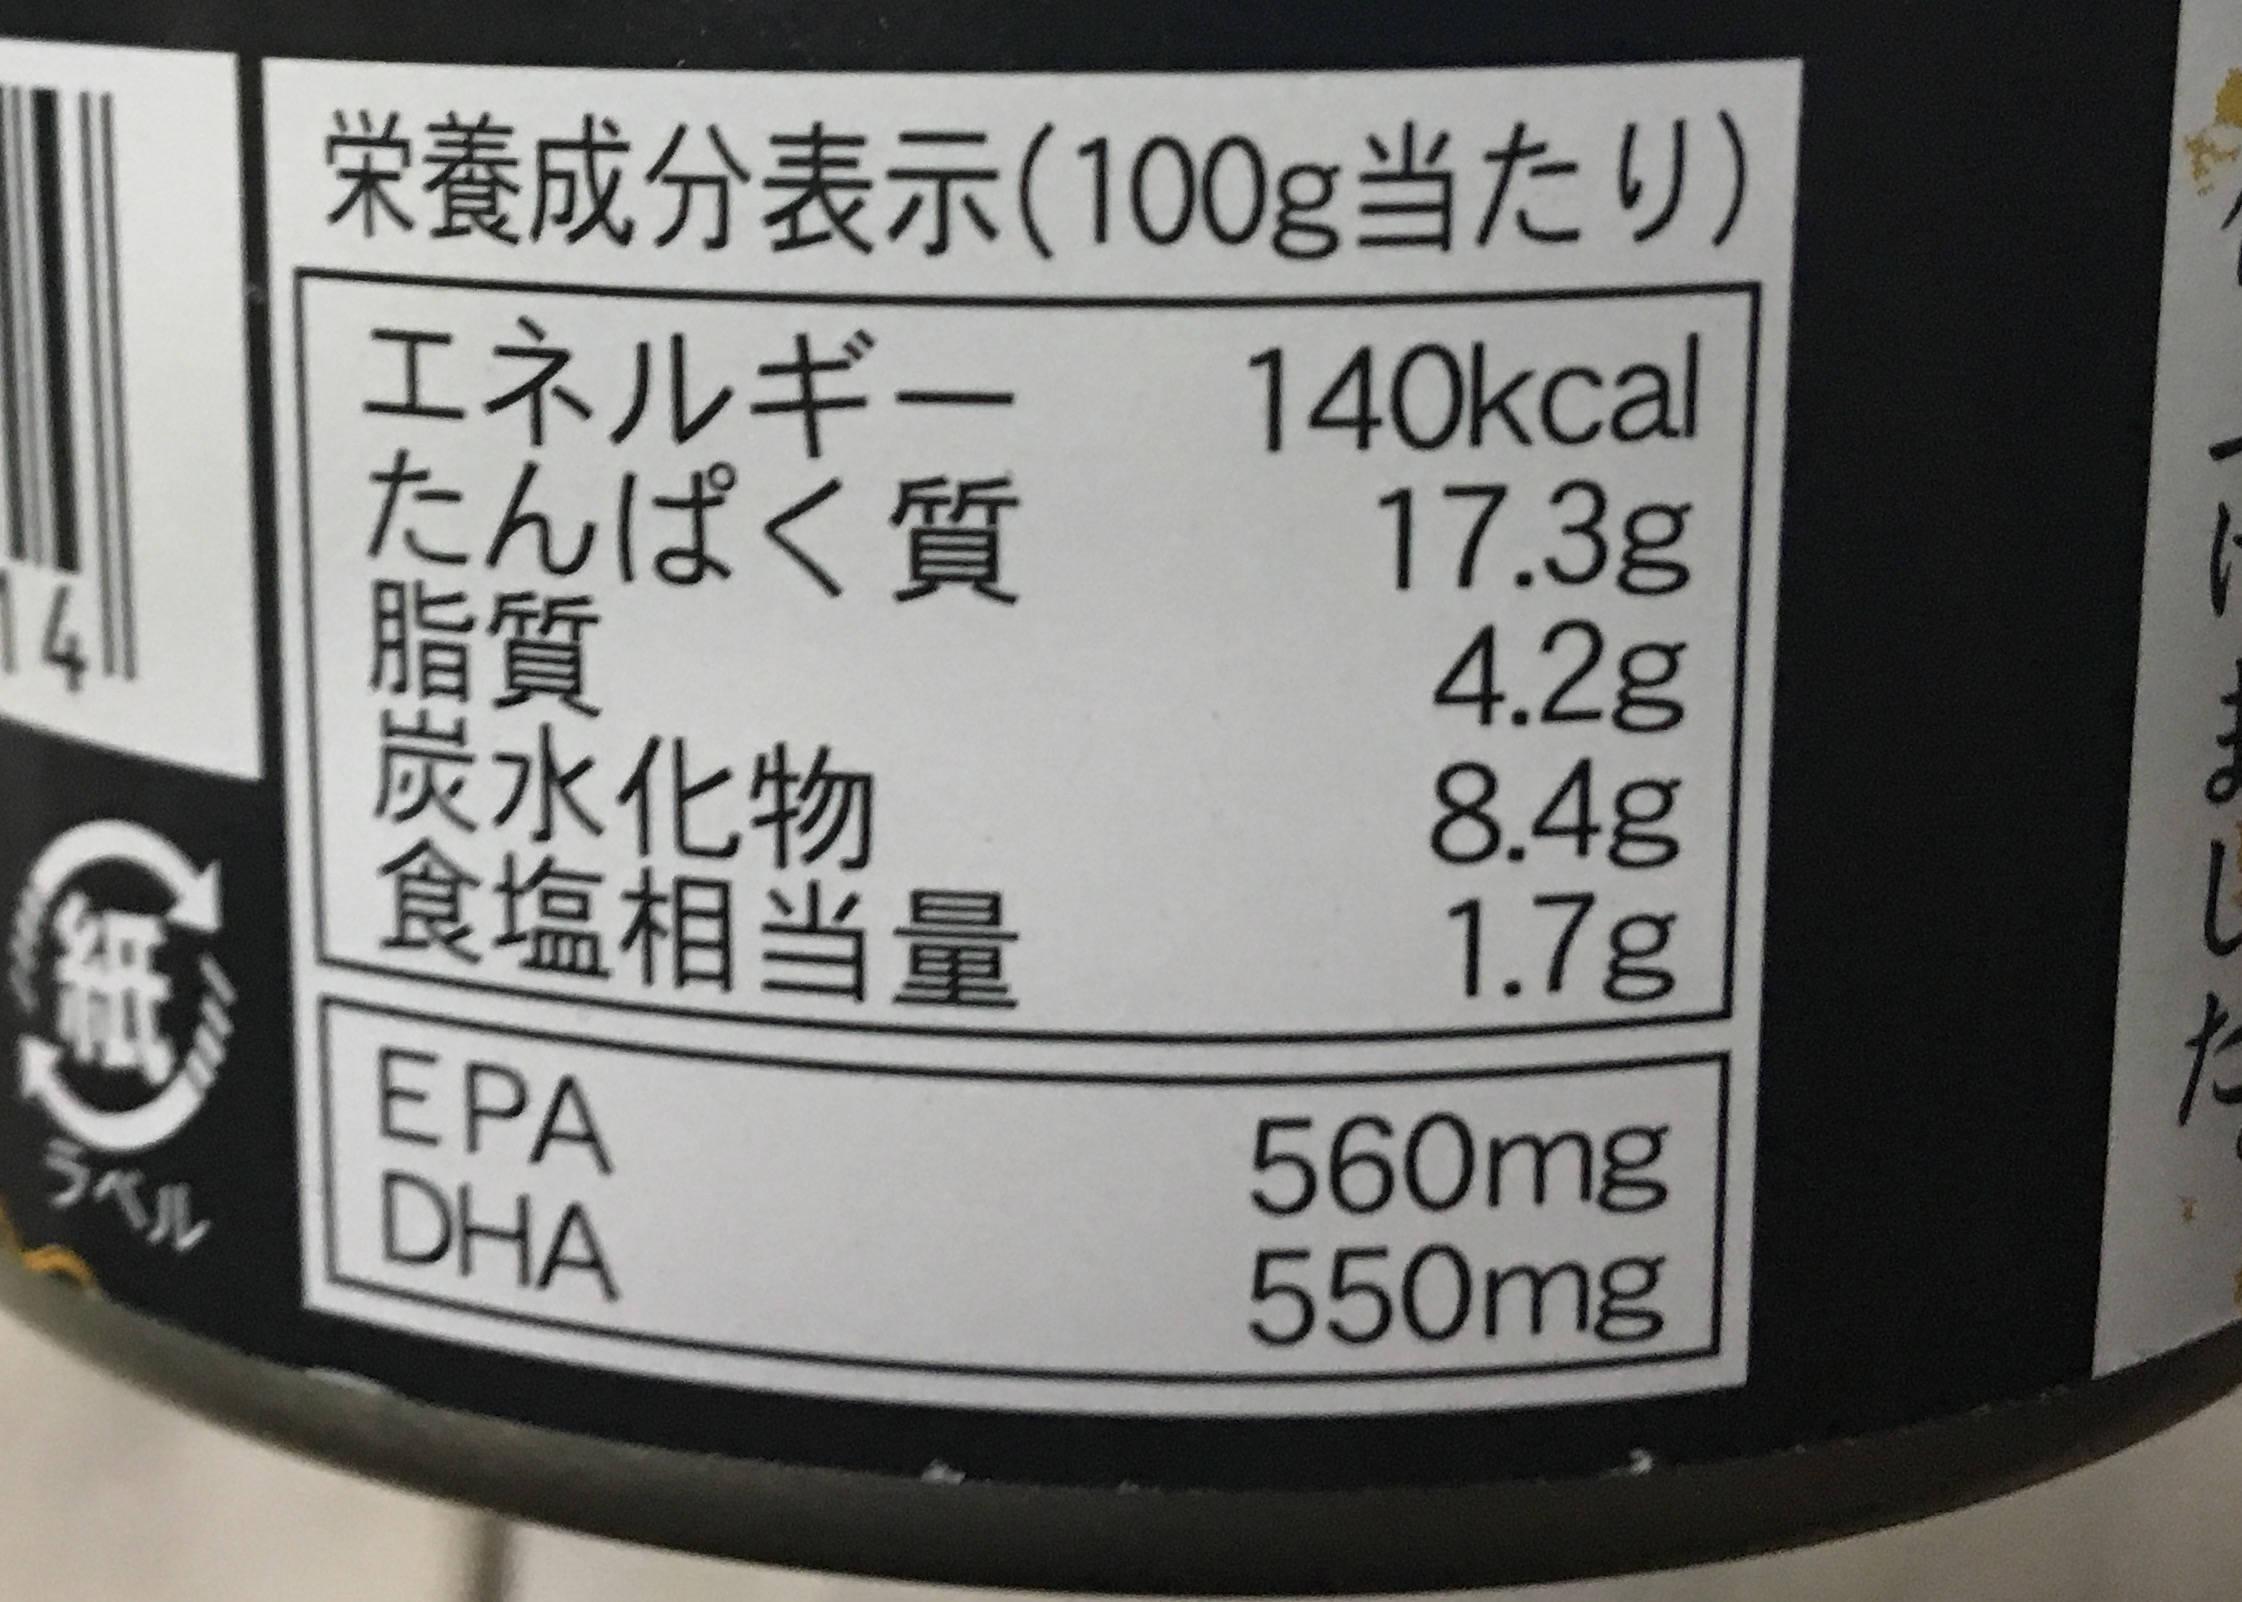 栄養成分表示:VL缶詰いわし味付|ローソンストア